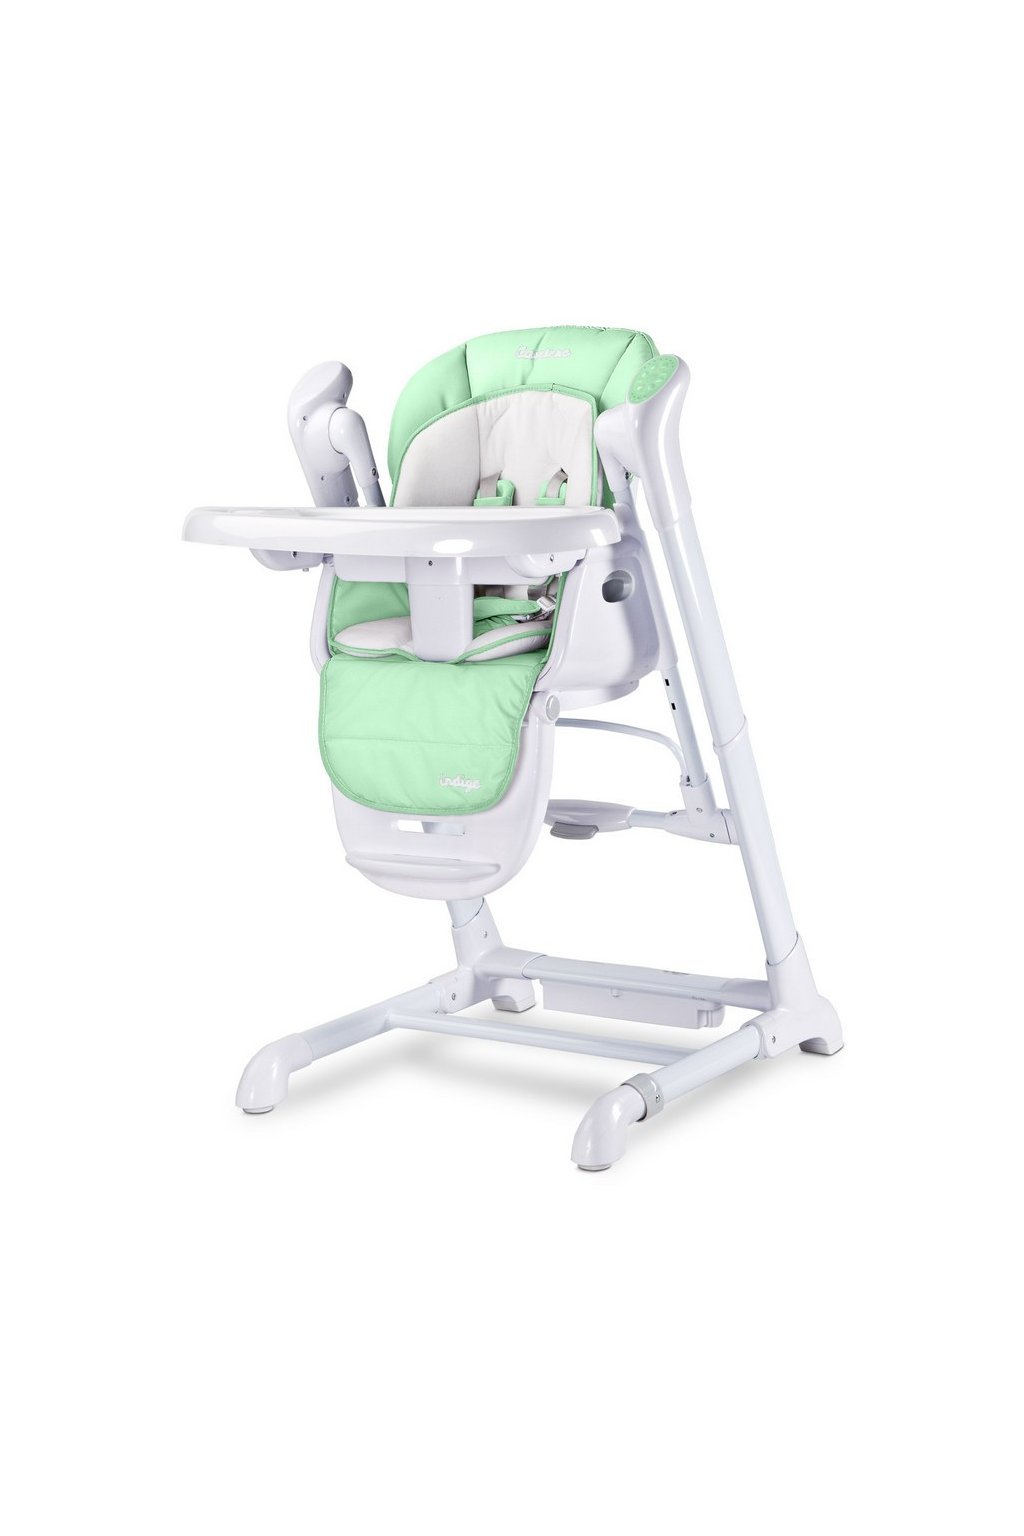 Detská jedálenská stolička 2v1 Caretero Indigo mint